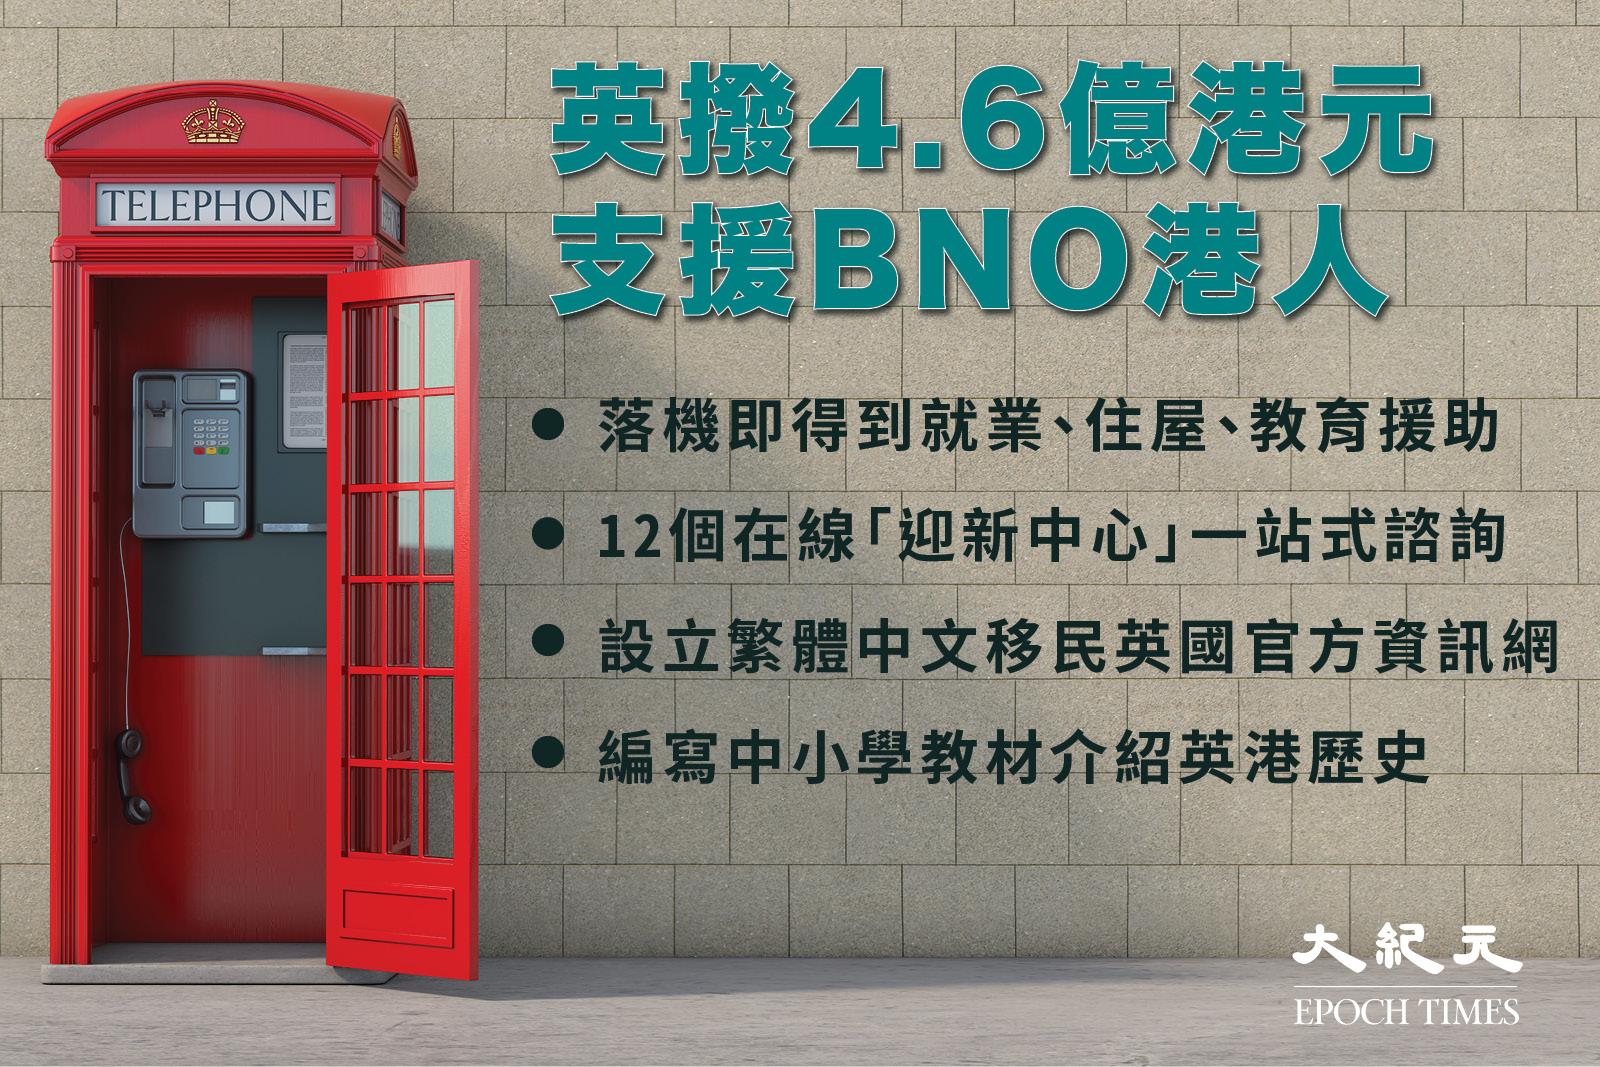 英國政府今日(8日)宣佈,將撥款4,300萬英鎊(約4.6億港元)成立BNO港人融合計劃。(大紀元製圖)